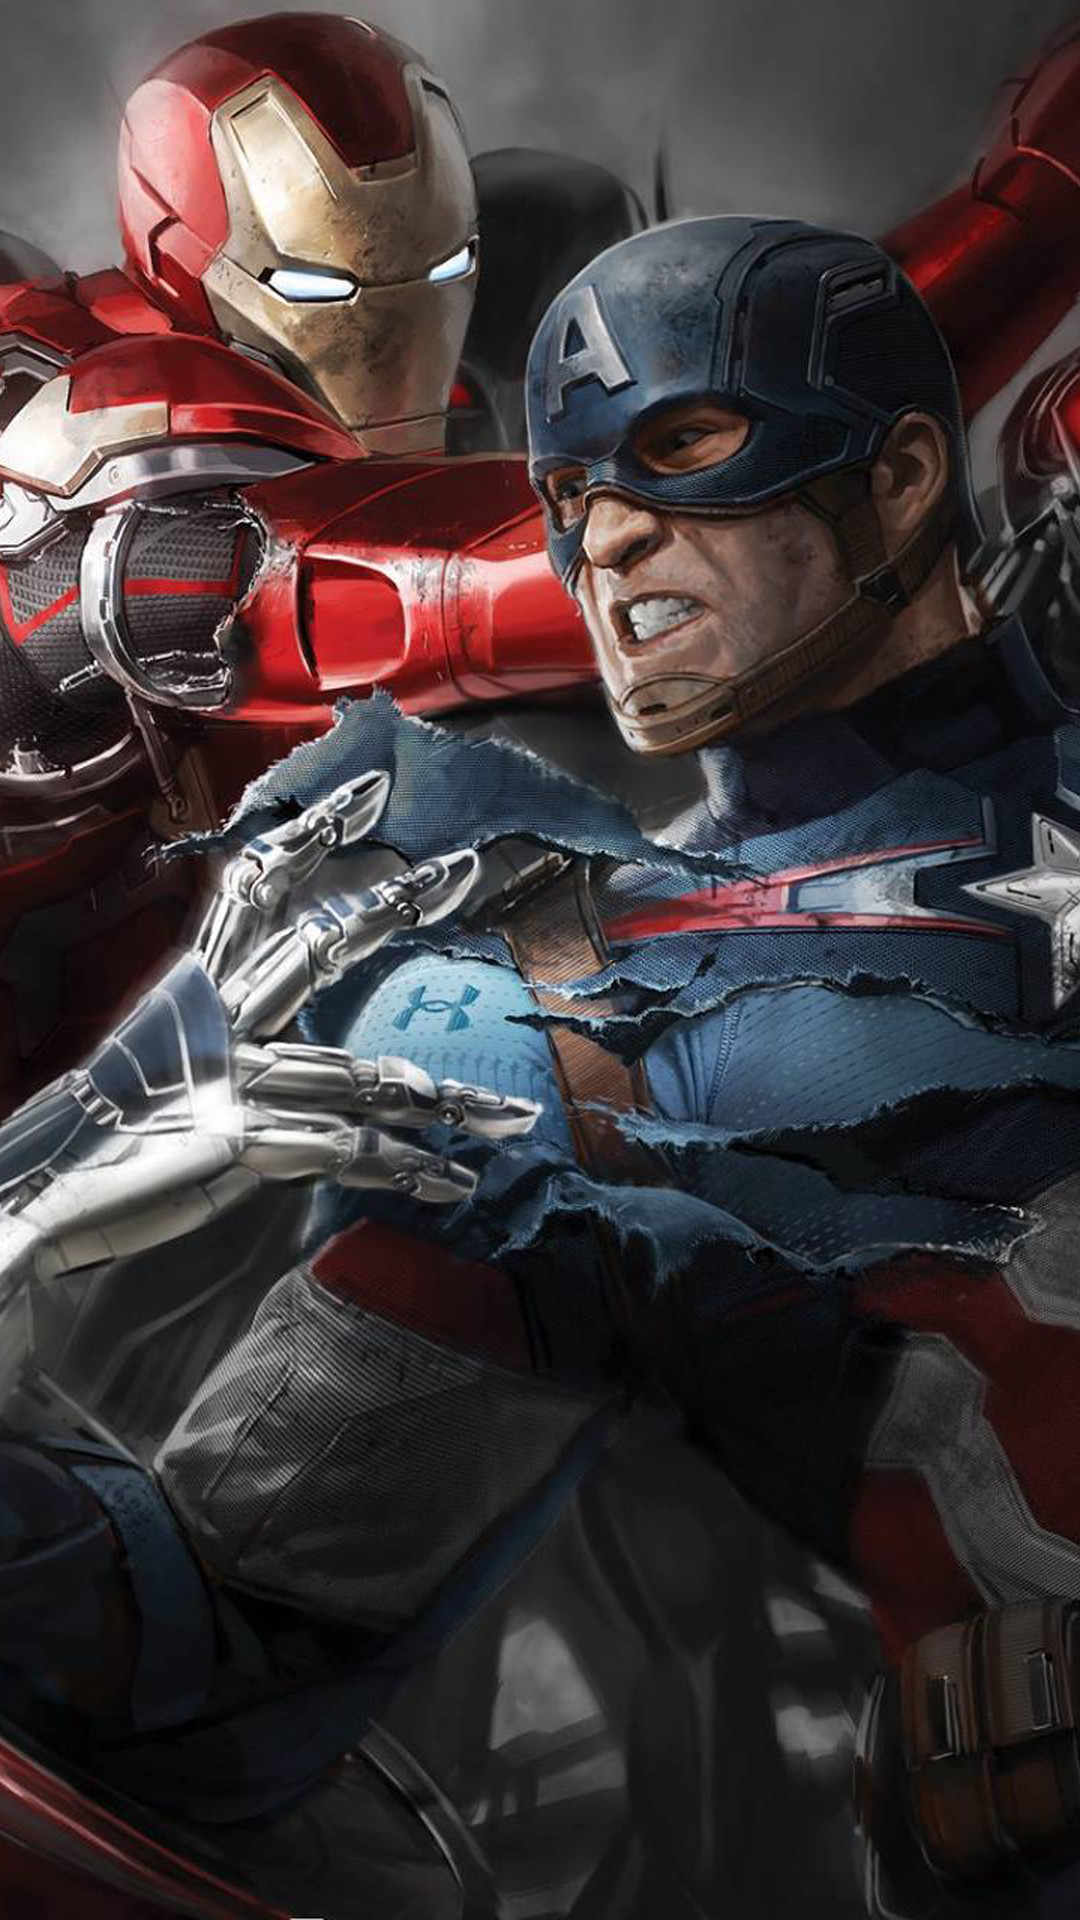 Best Wallpaper Mobile Captain America - 479230  2018_794923.jpg